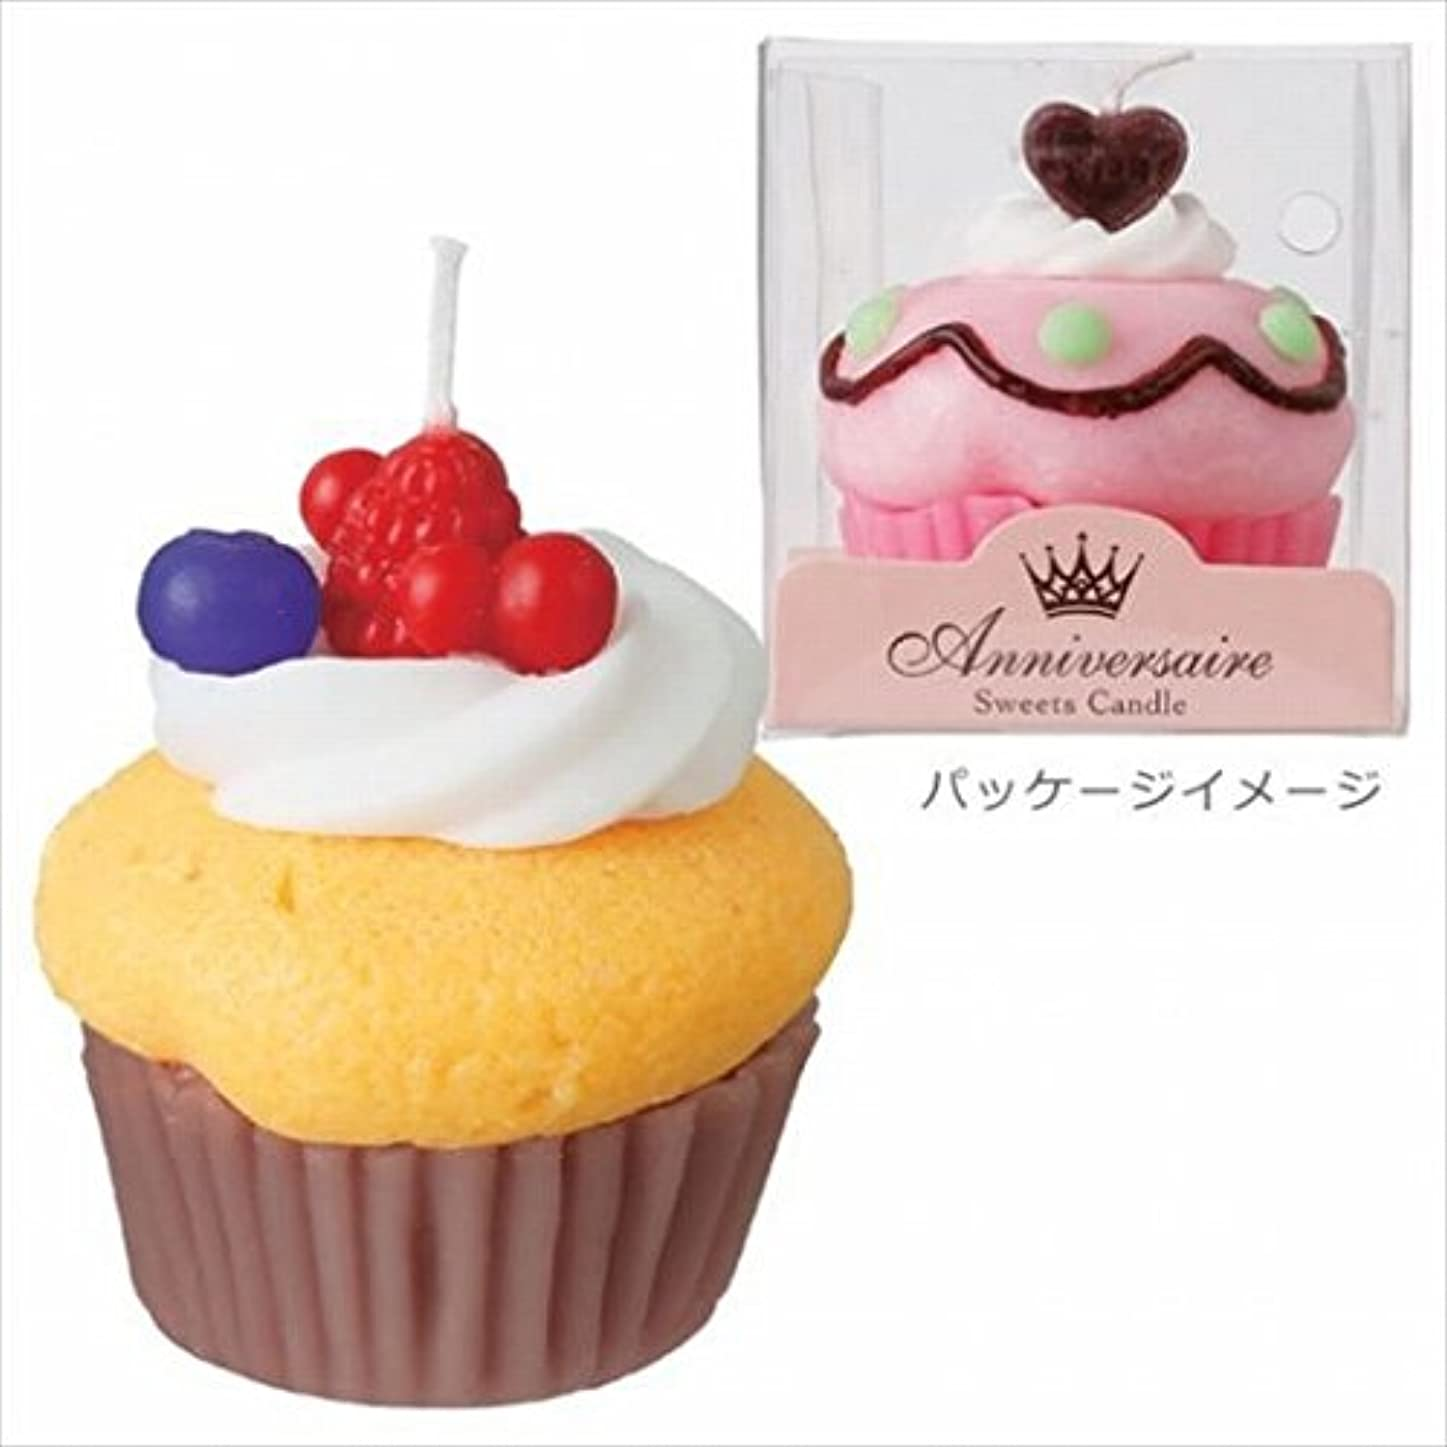 酒積極的に名誉あるカメヤマキャンドル( kameyama candle ) カップケーキキャンドル 「 マンゴーカップケーキ 」